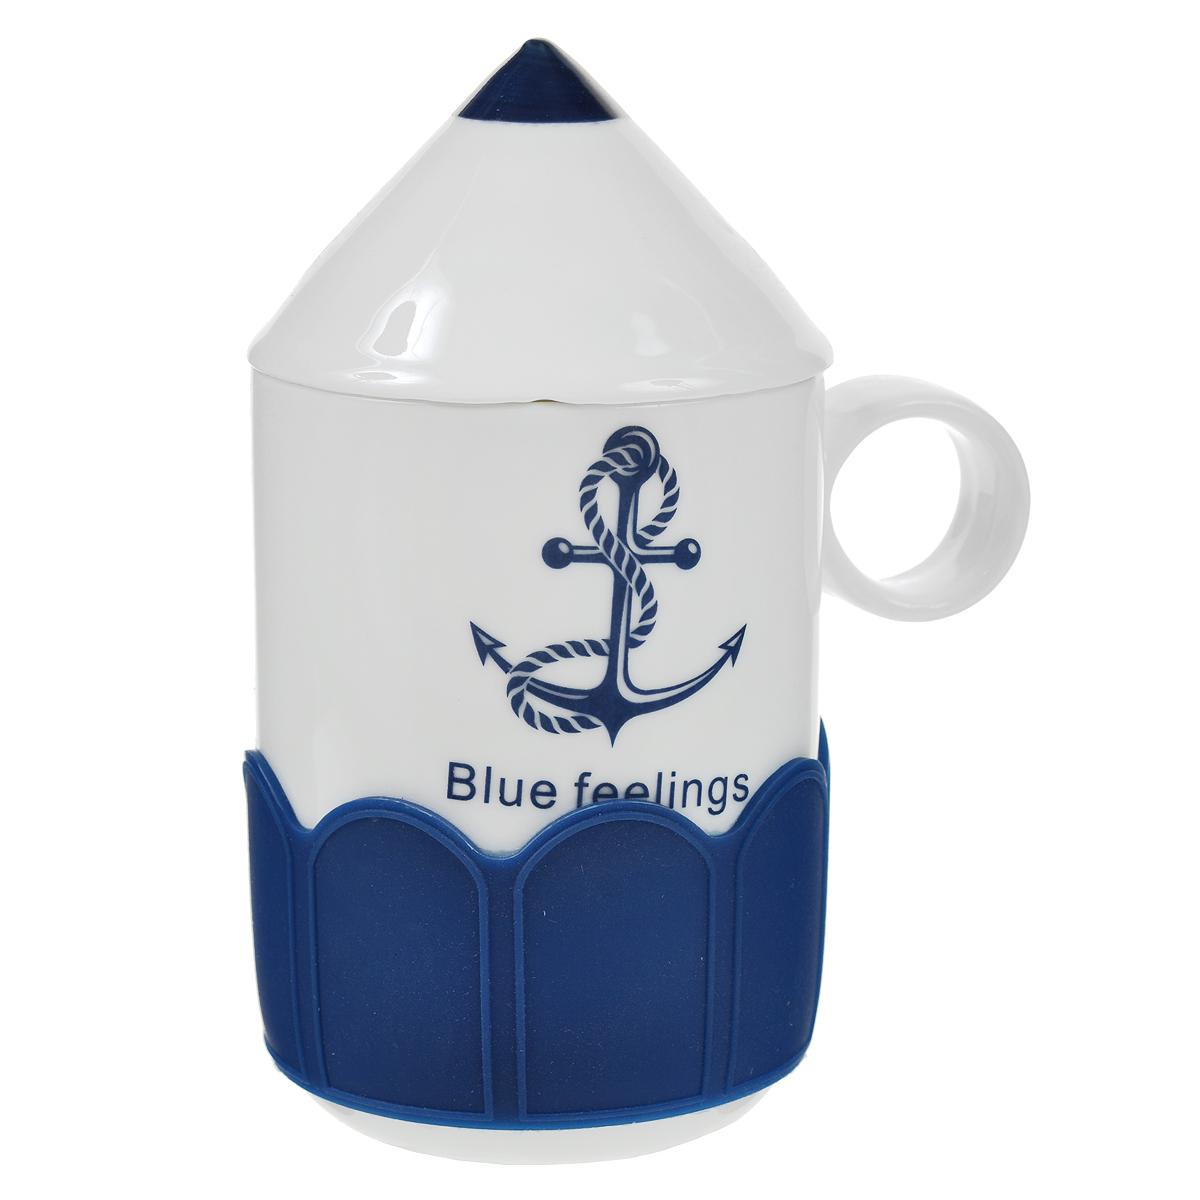 Кружка Карандаш. Якорь, с крышкой, цвет: белый, синий. 003104003104Оригинальная кружка Карандаш, выполненная из керамики, станет отличным подарком для человека, ценящего забавные и практичные подарки. Кружка выполнена в виде карандаша. Оснащенная удобной керамической крышкой, кружка превосходно сохраняет температуру напитка, а силиконовый ободок добавит комфорта при чаепитии.Такой подарок станет не только приятным, но и практичным сувениром: кружка станет незаменимым атрибутом чаепития, а оригинальный дизайн вызовет улыбку. Характеристики:Материал:керамика, силикон. Высота кружки (без учета крышки):10 см. Диаметр по верхнему краю:7 см. Размер упаковки:10,5 см х 8 см х 12 см. Артикул: 003104.